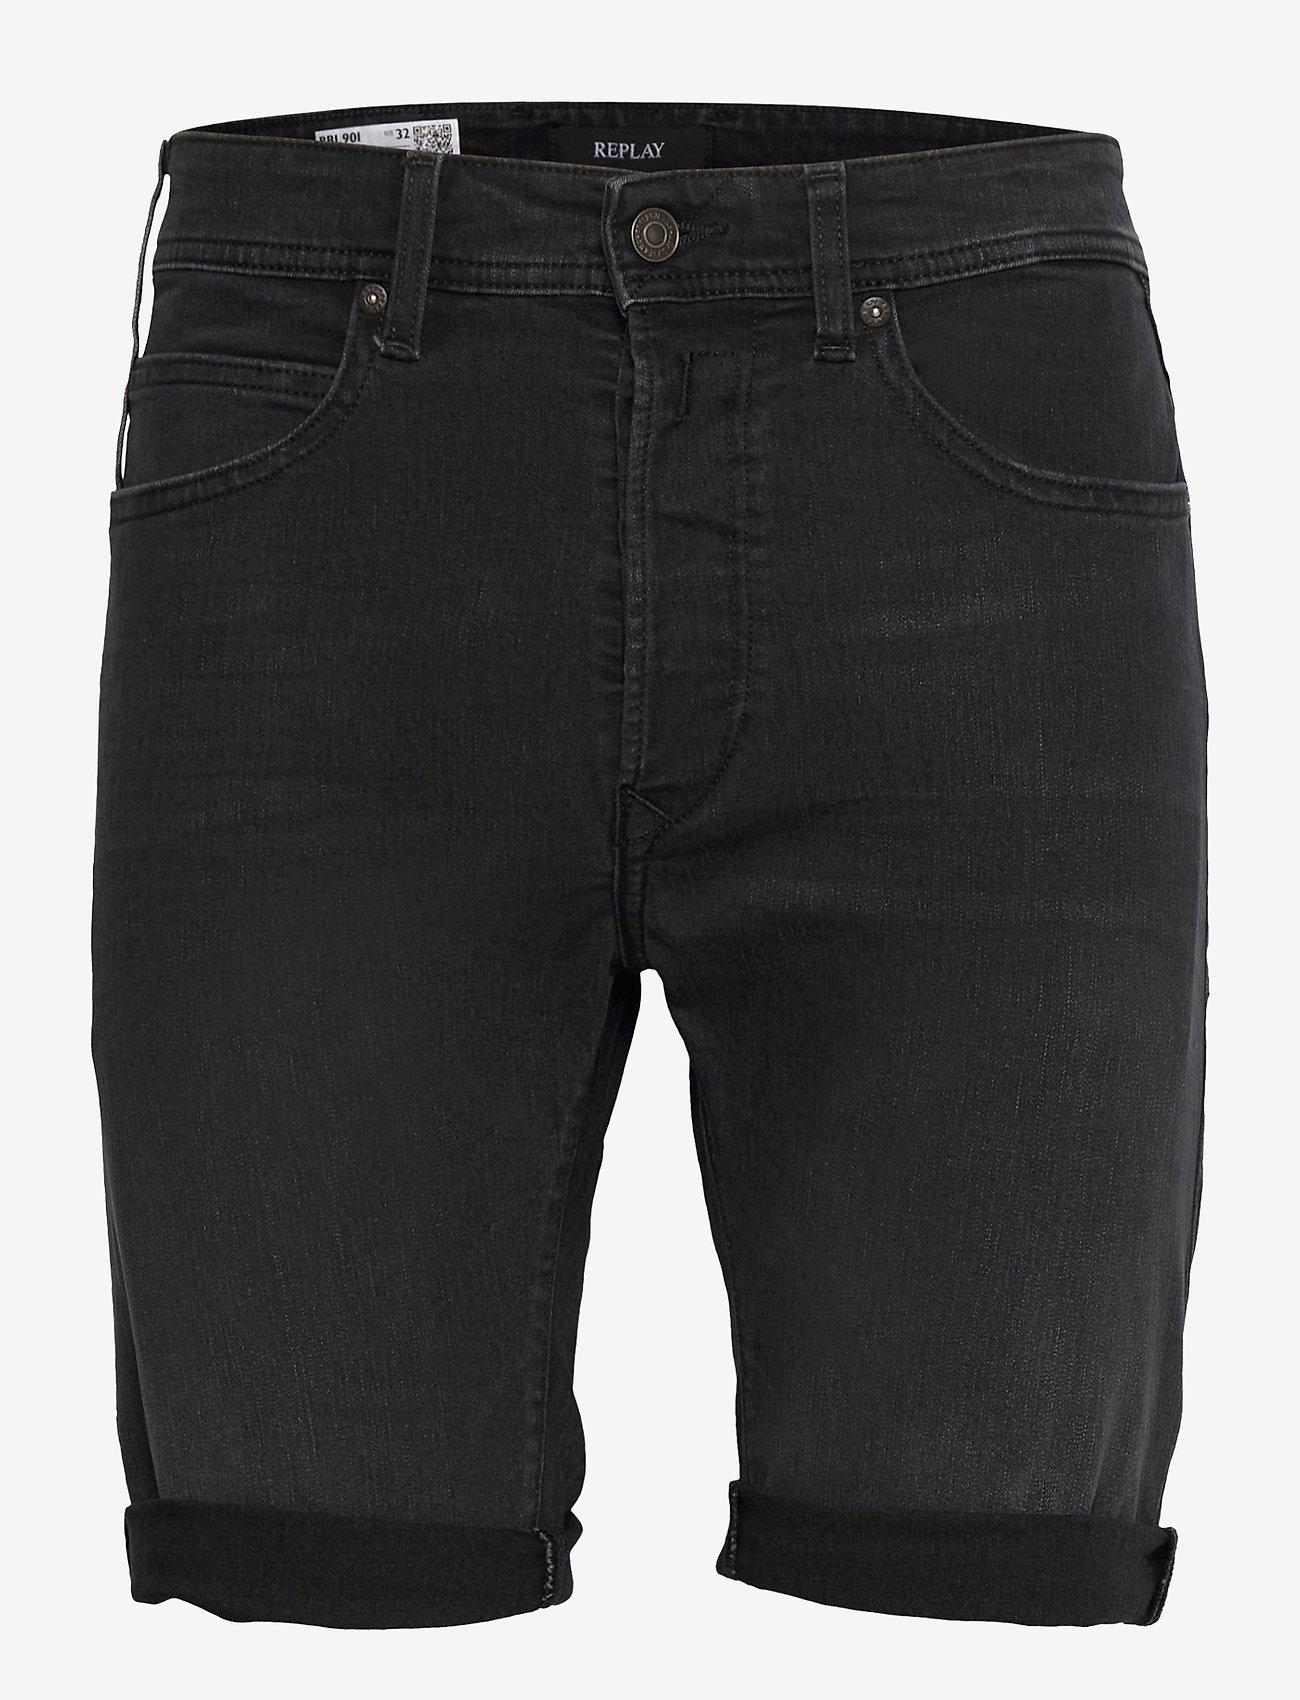 Replay - T-Shirt - denim shorts - dark grey - 0